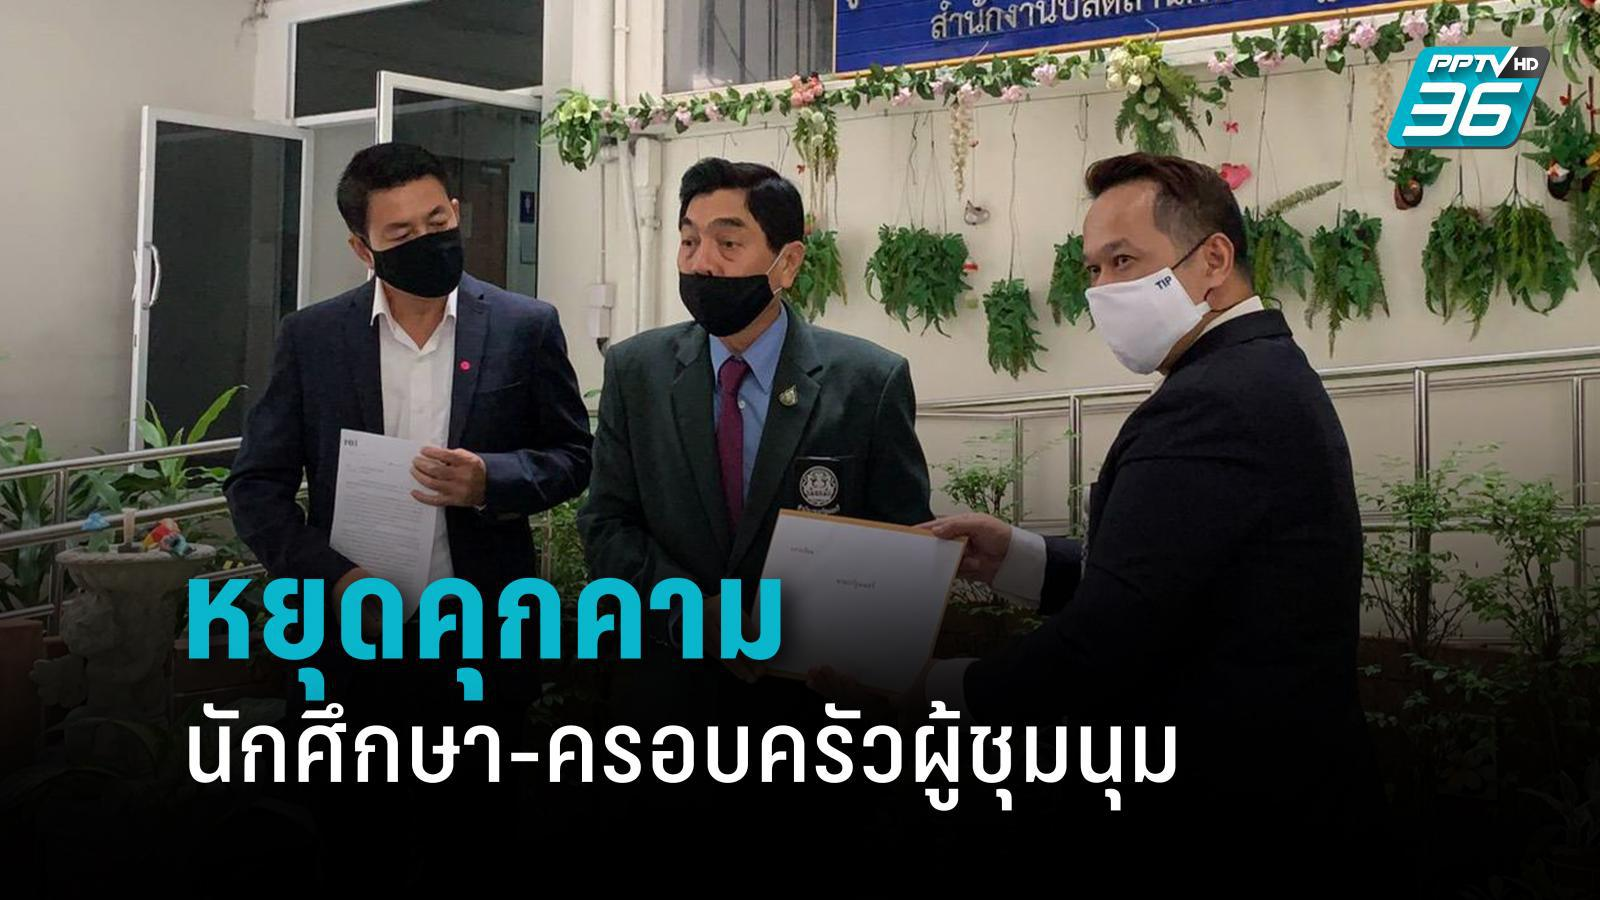 """""""เพื่อไทย"""" จี้ """"บิ๊กตู่"""" สั่งหยุดคุกคาม นักศึกษา- ครอบครัวผู้ชุมนุม"""